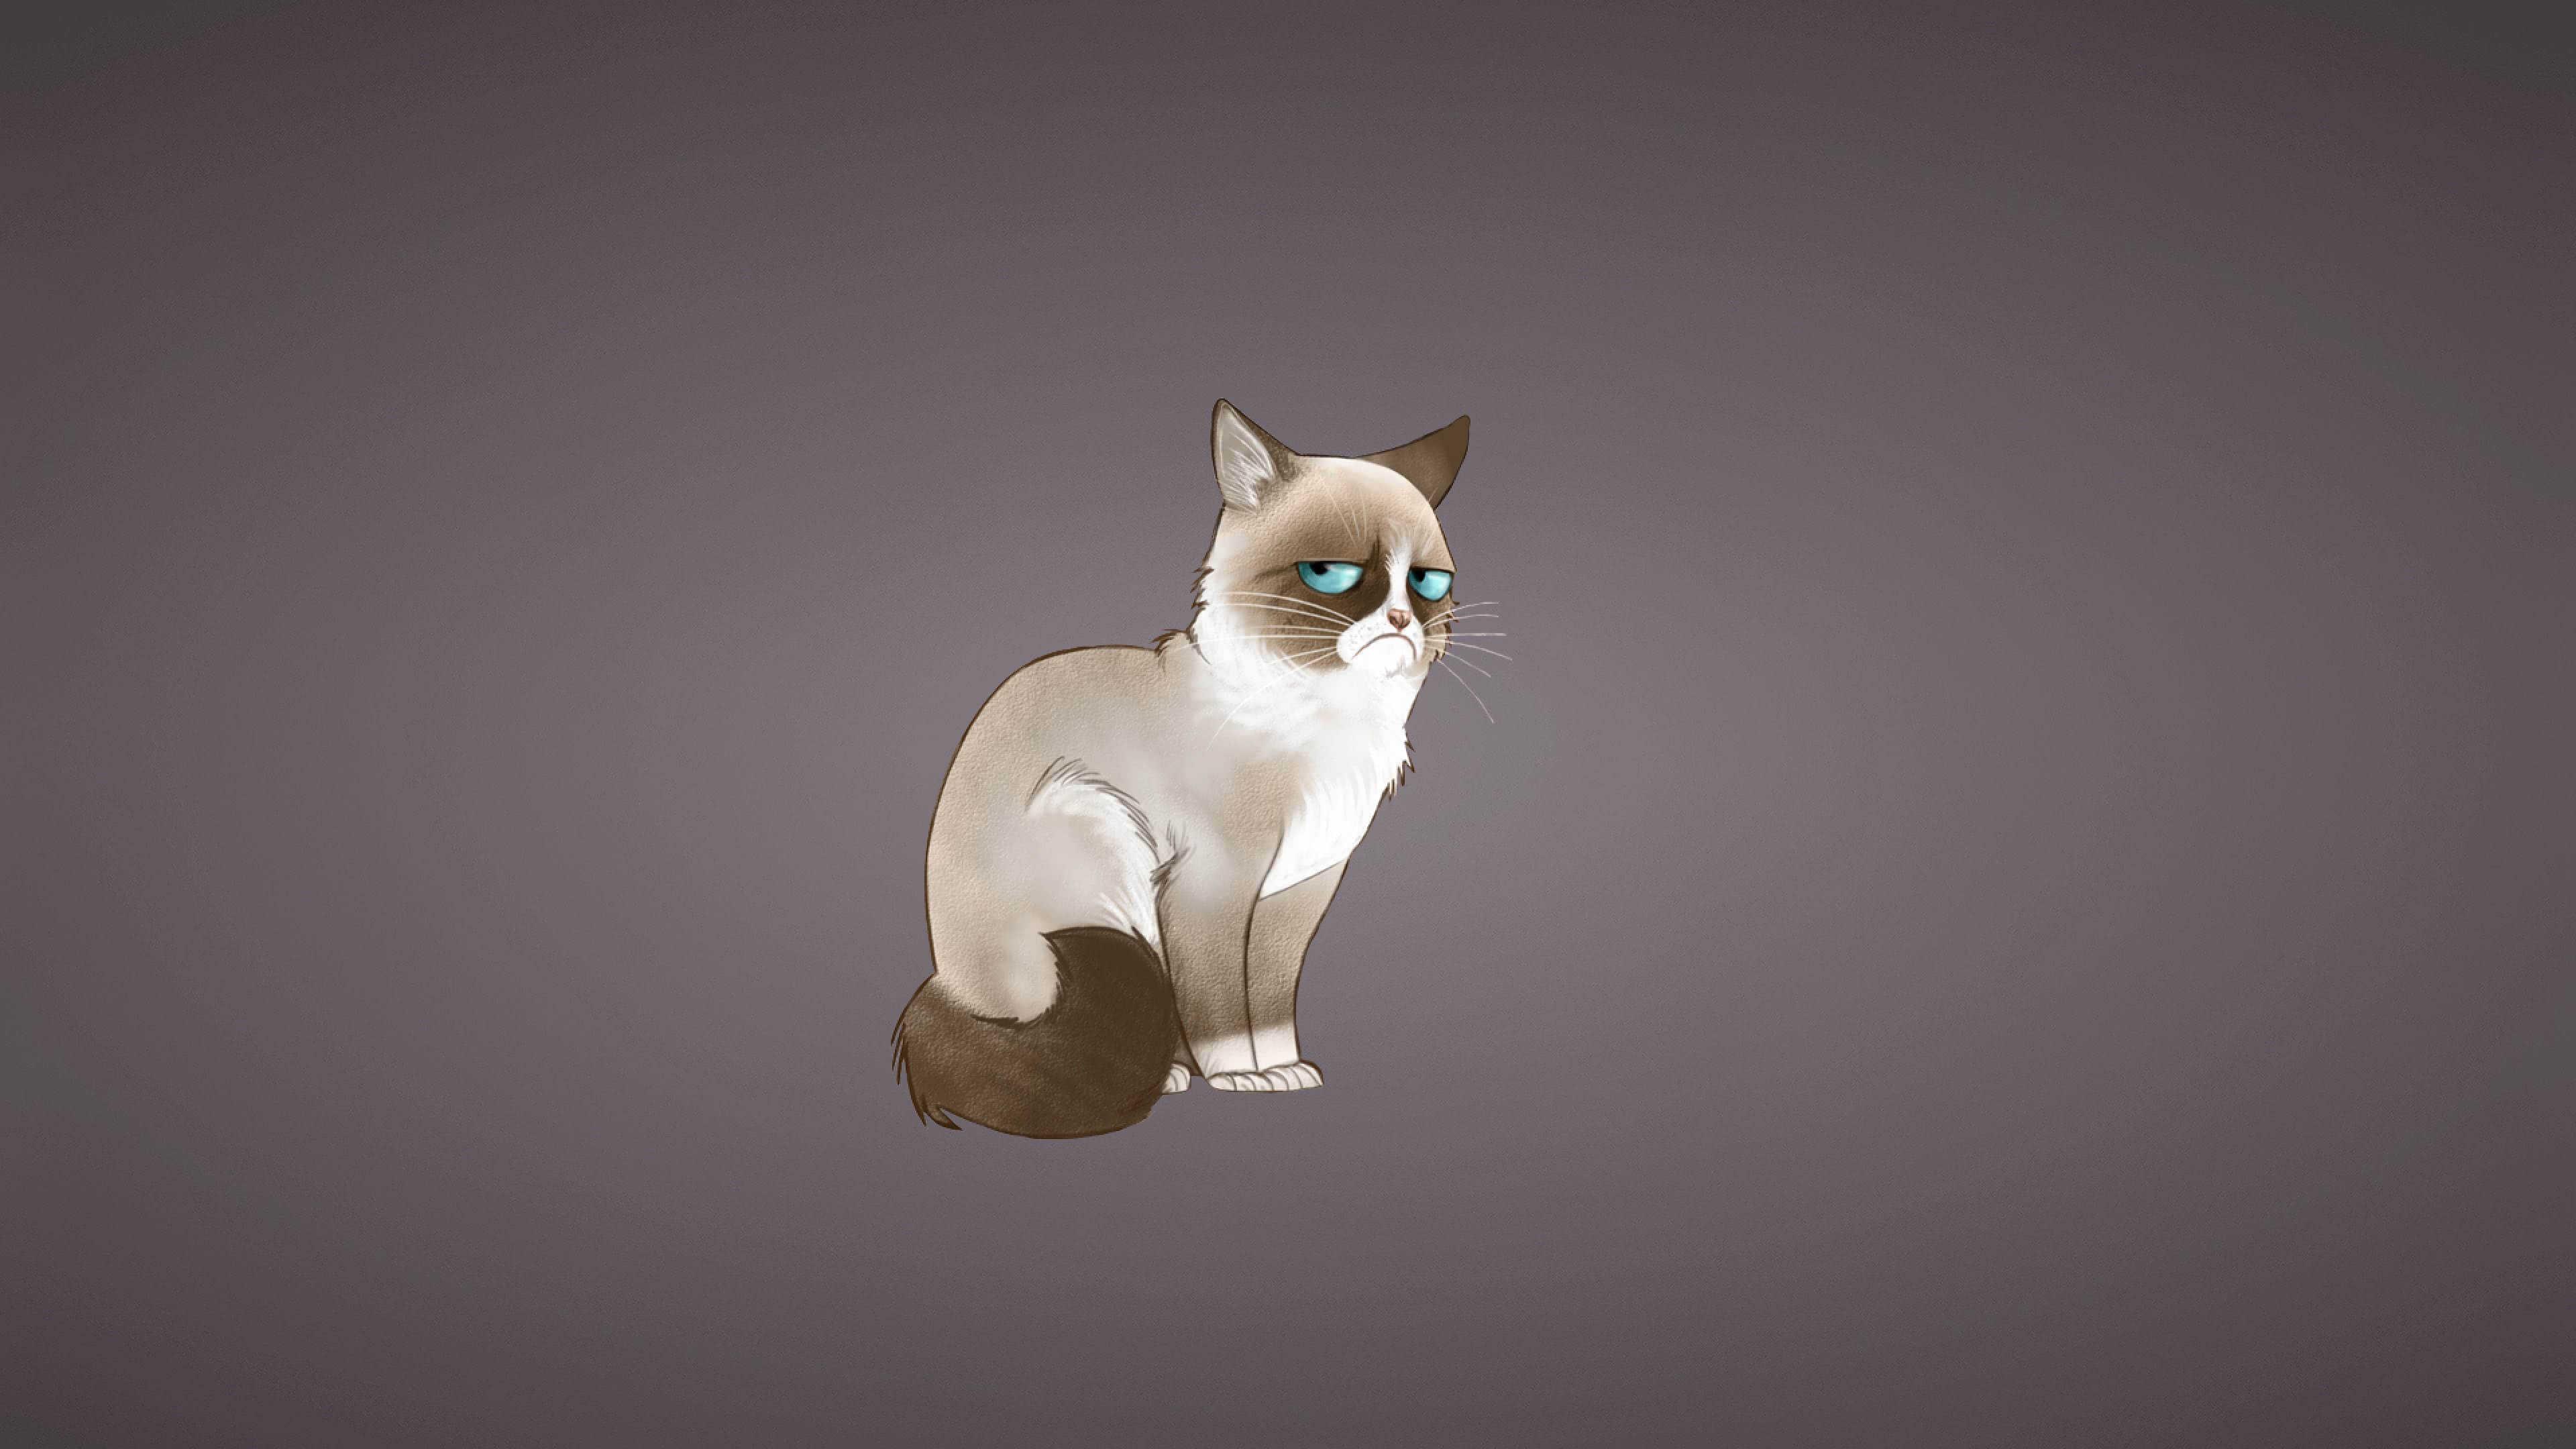 grumpy cat meme uhd 4k wallpaper